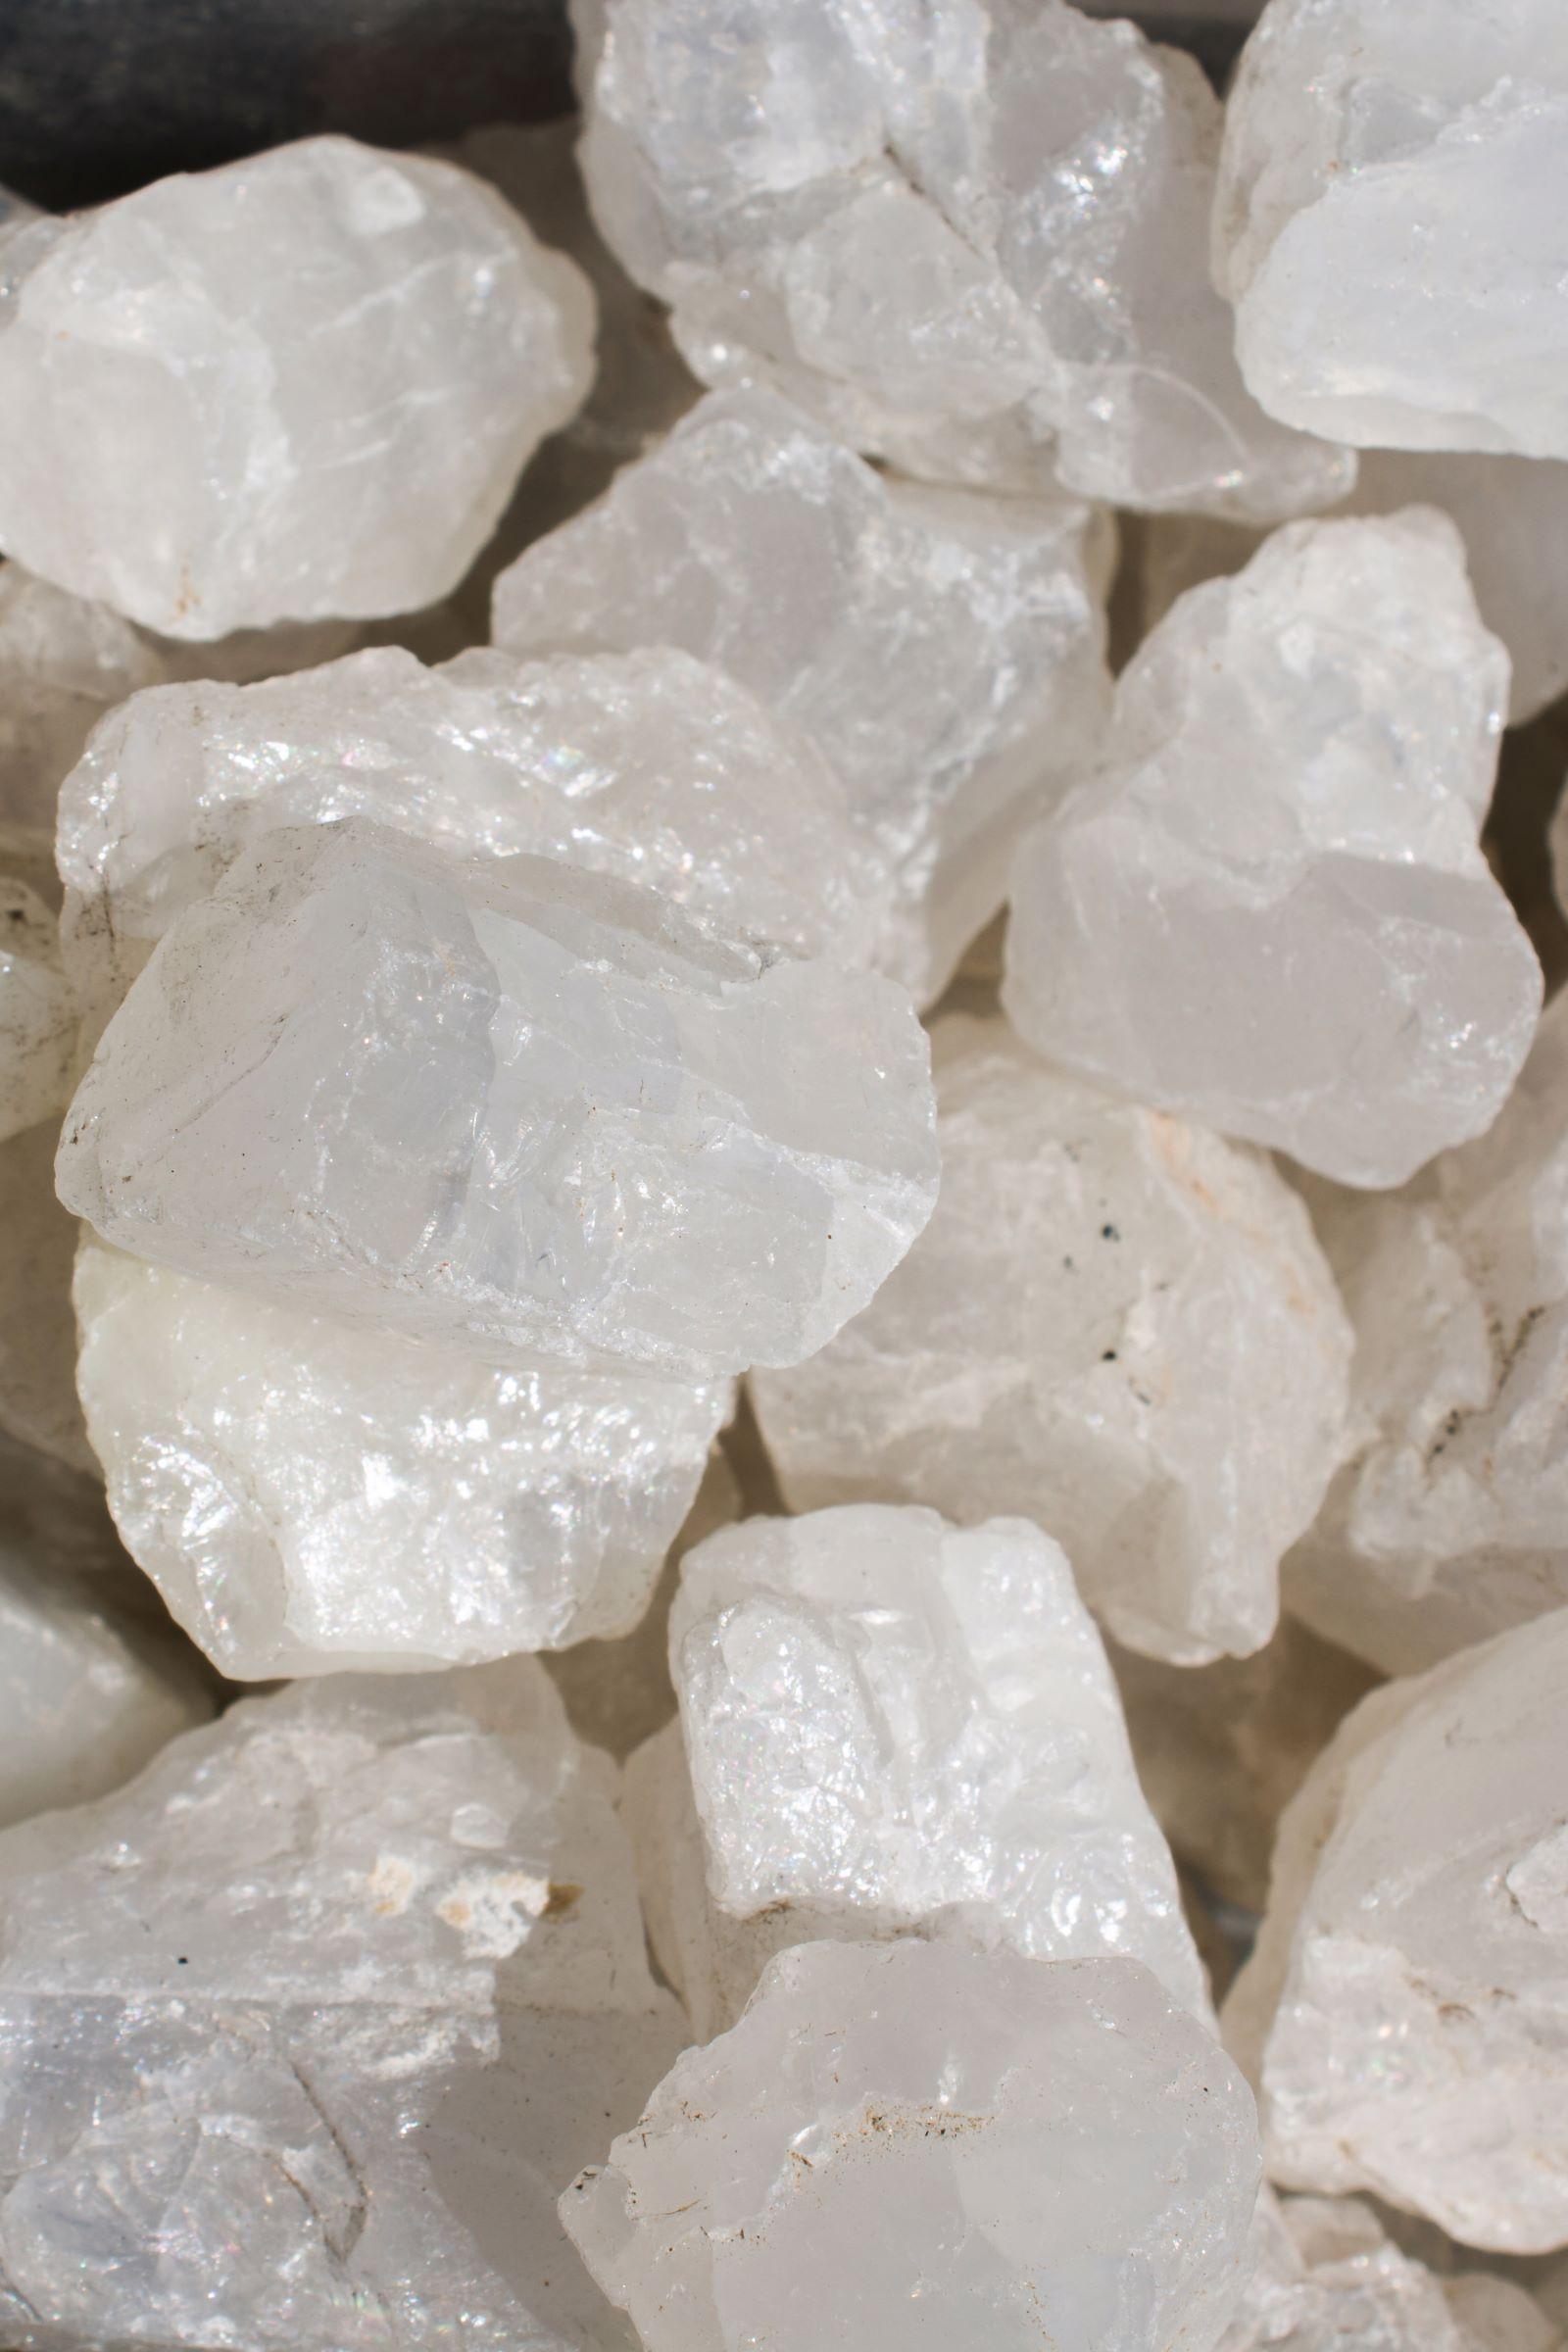 Mondsteine als natürliche Mineralsteine